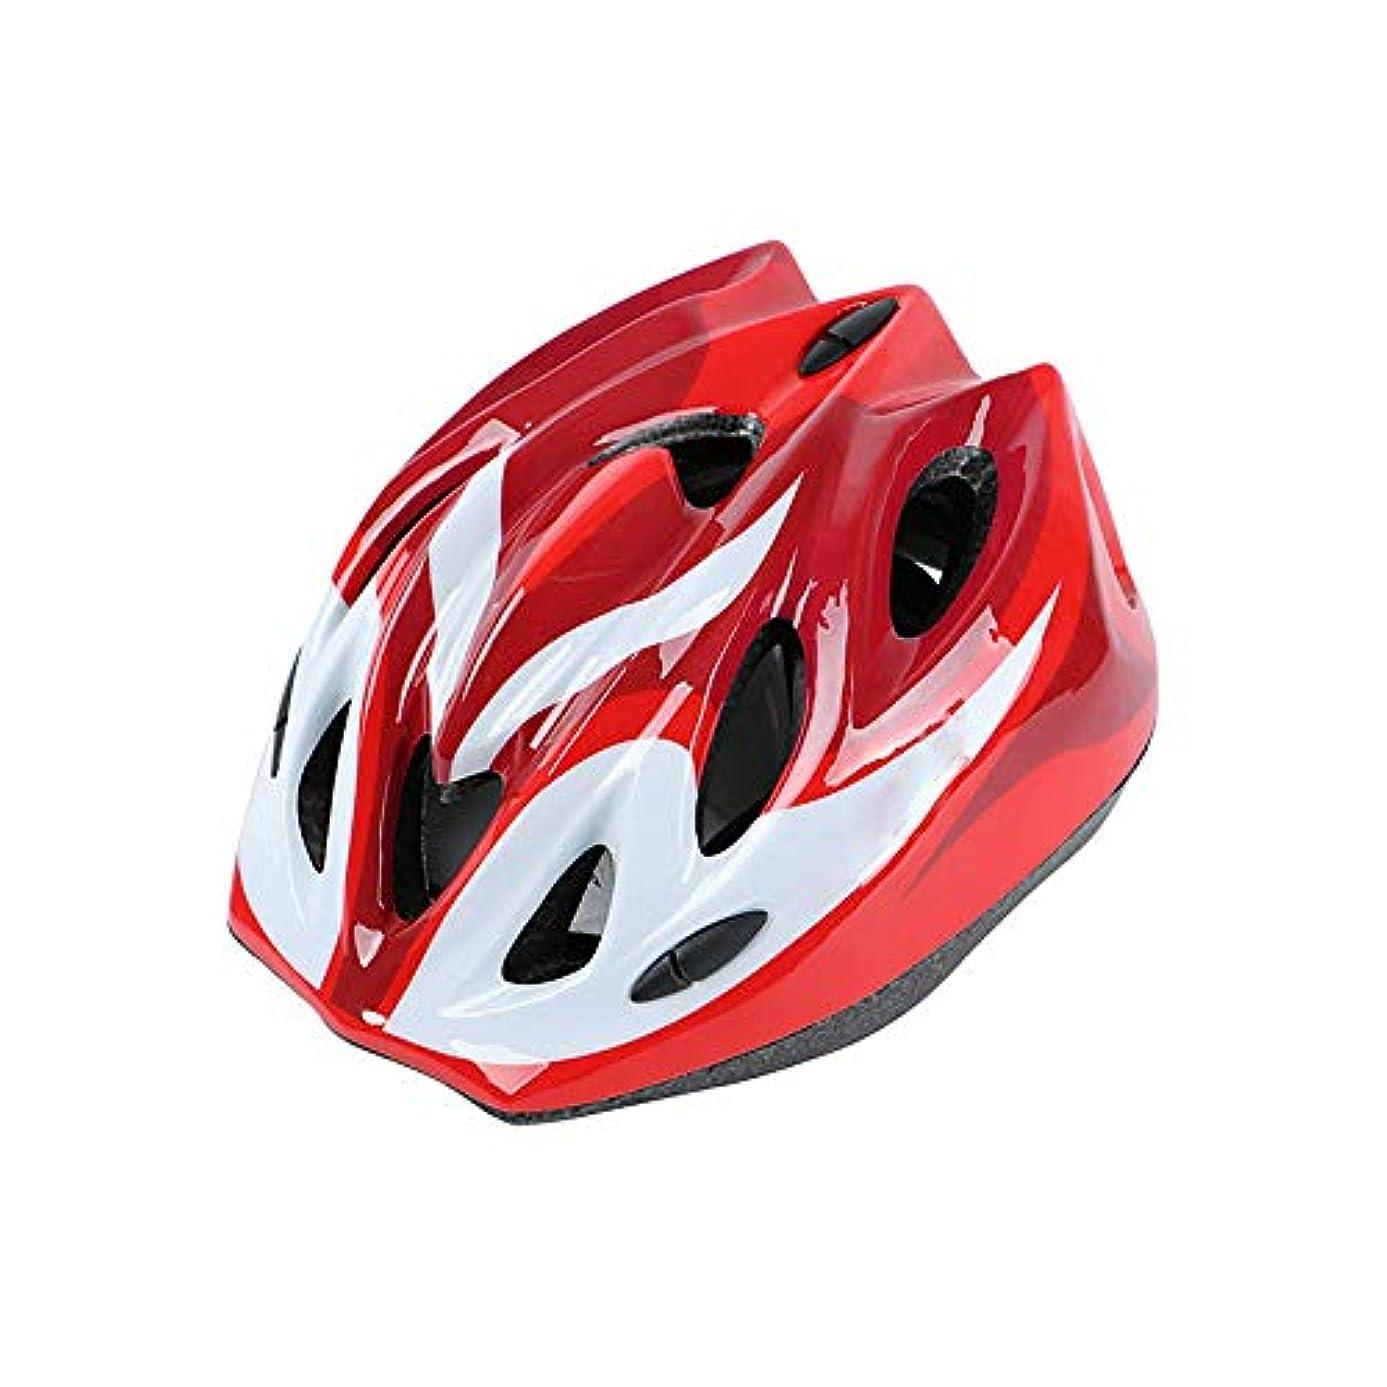 抑圧ピンク最もスラッシャーマイクロシェルヘルメット自転車ヘルメットボーイズアンドガールズ 自転車 アクセサリー (色 : マルチカラー)